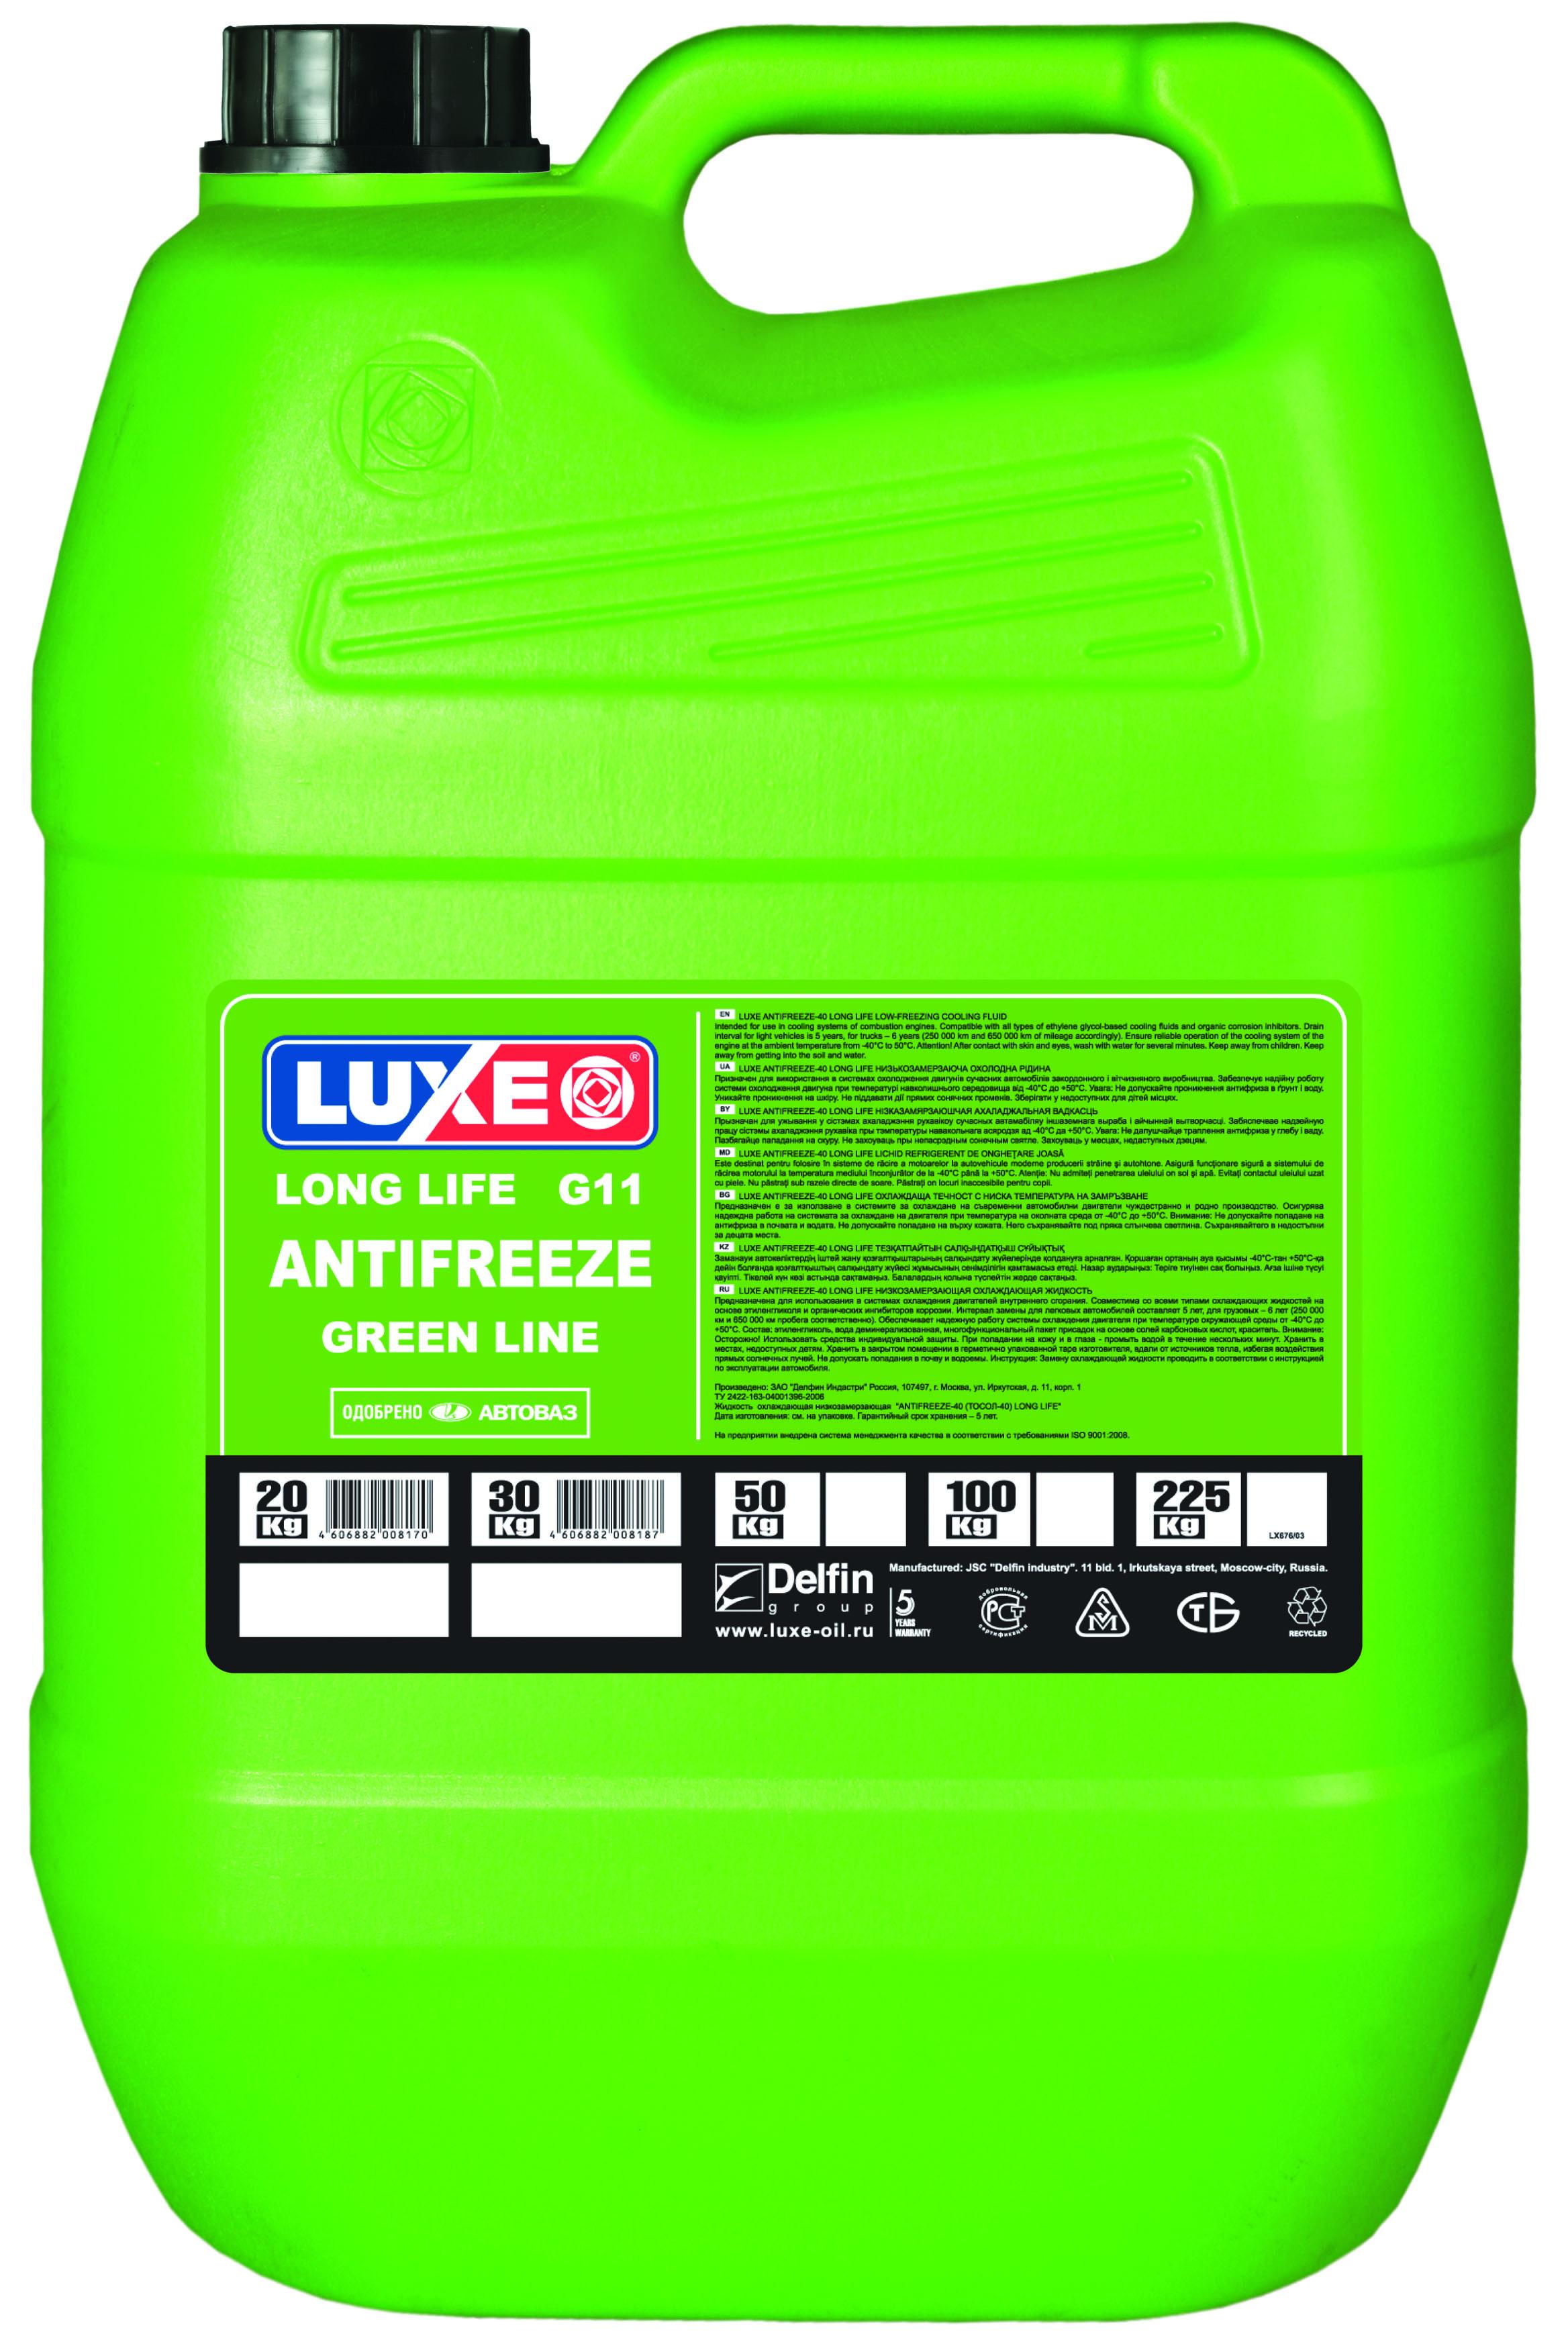 Антифриз Luxe G11 зеленый 20 л 677